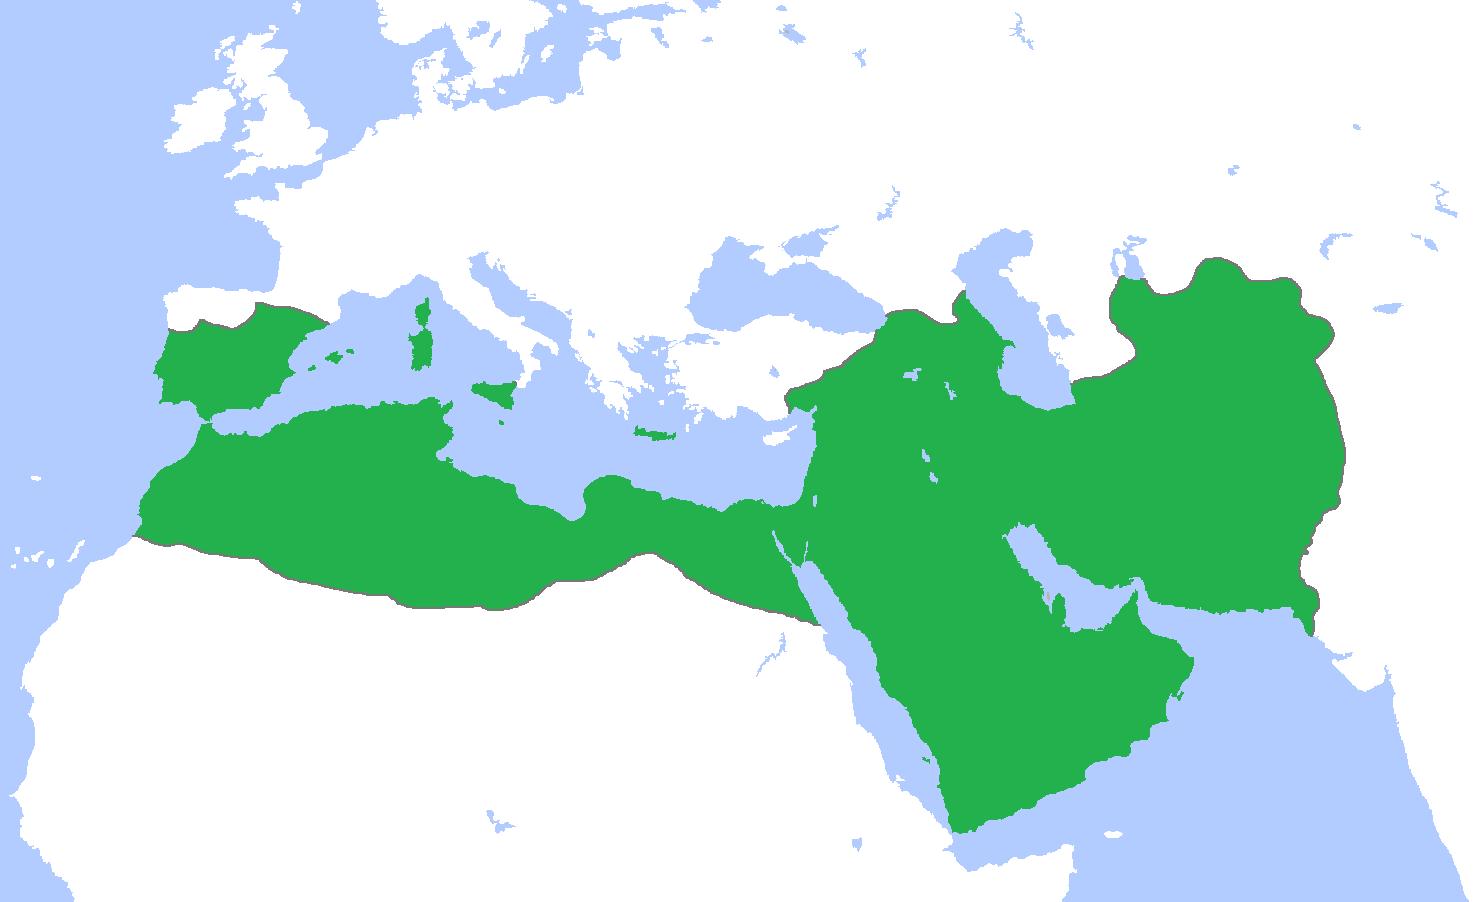 ইসলাম অর্ধপৃথিবীতে প্রতিষ্ঠিত ছিলো